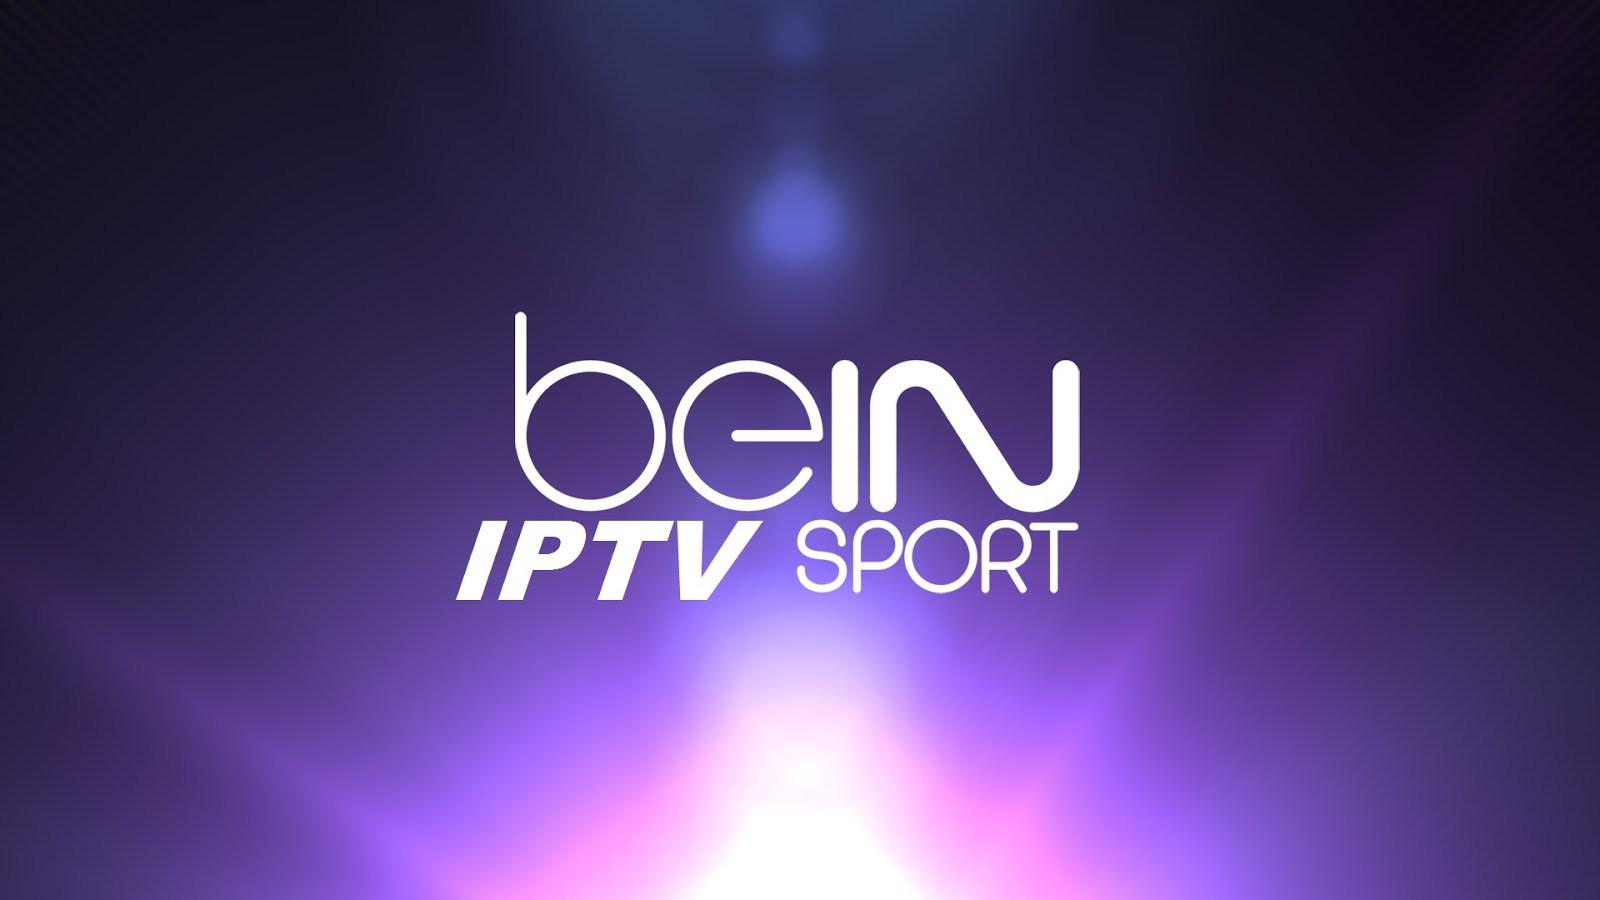 T%25C3%25A9l%25C3%25A9charger-IPTV-m3u-Bein-Sport-Kodi-Vlc-12-06-2017.jpg